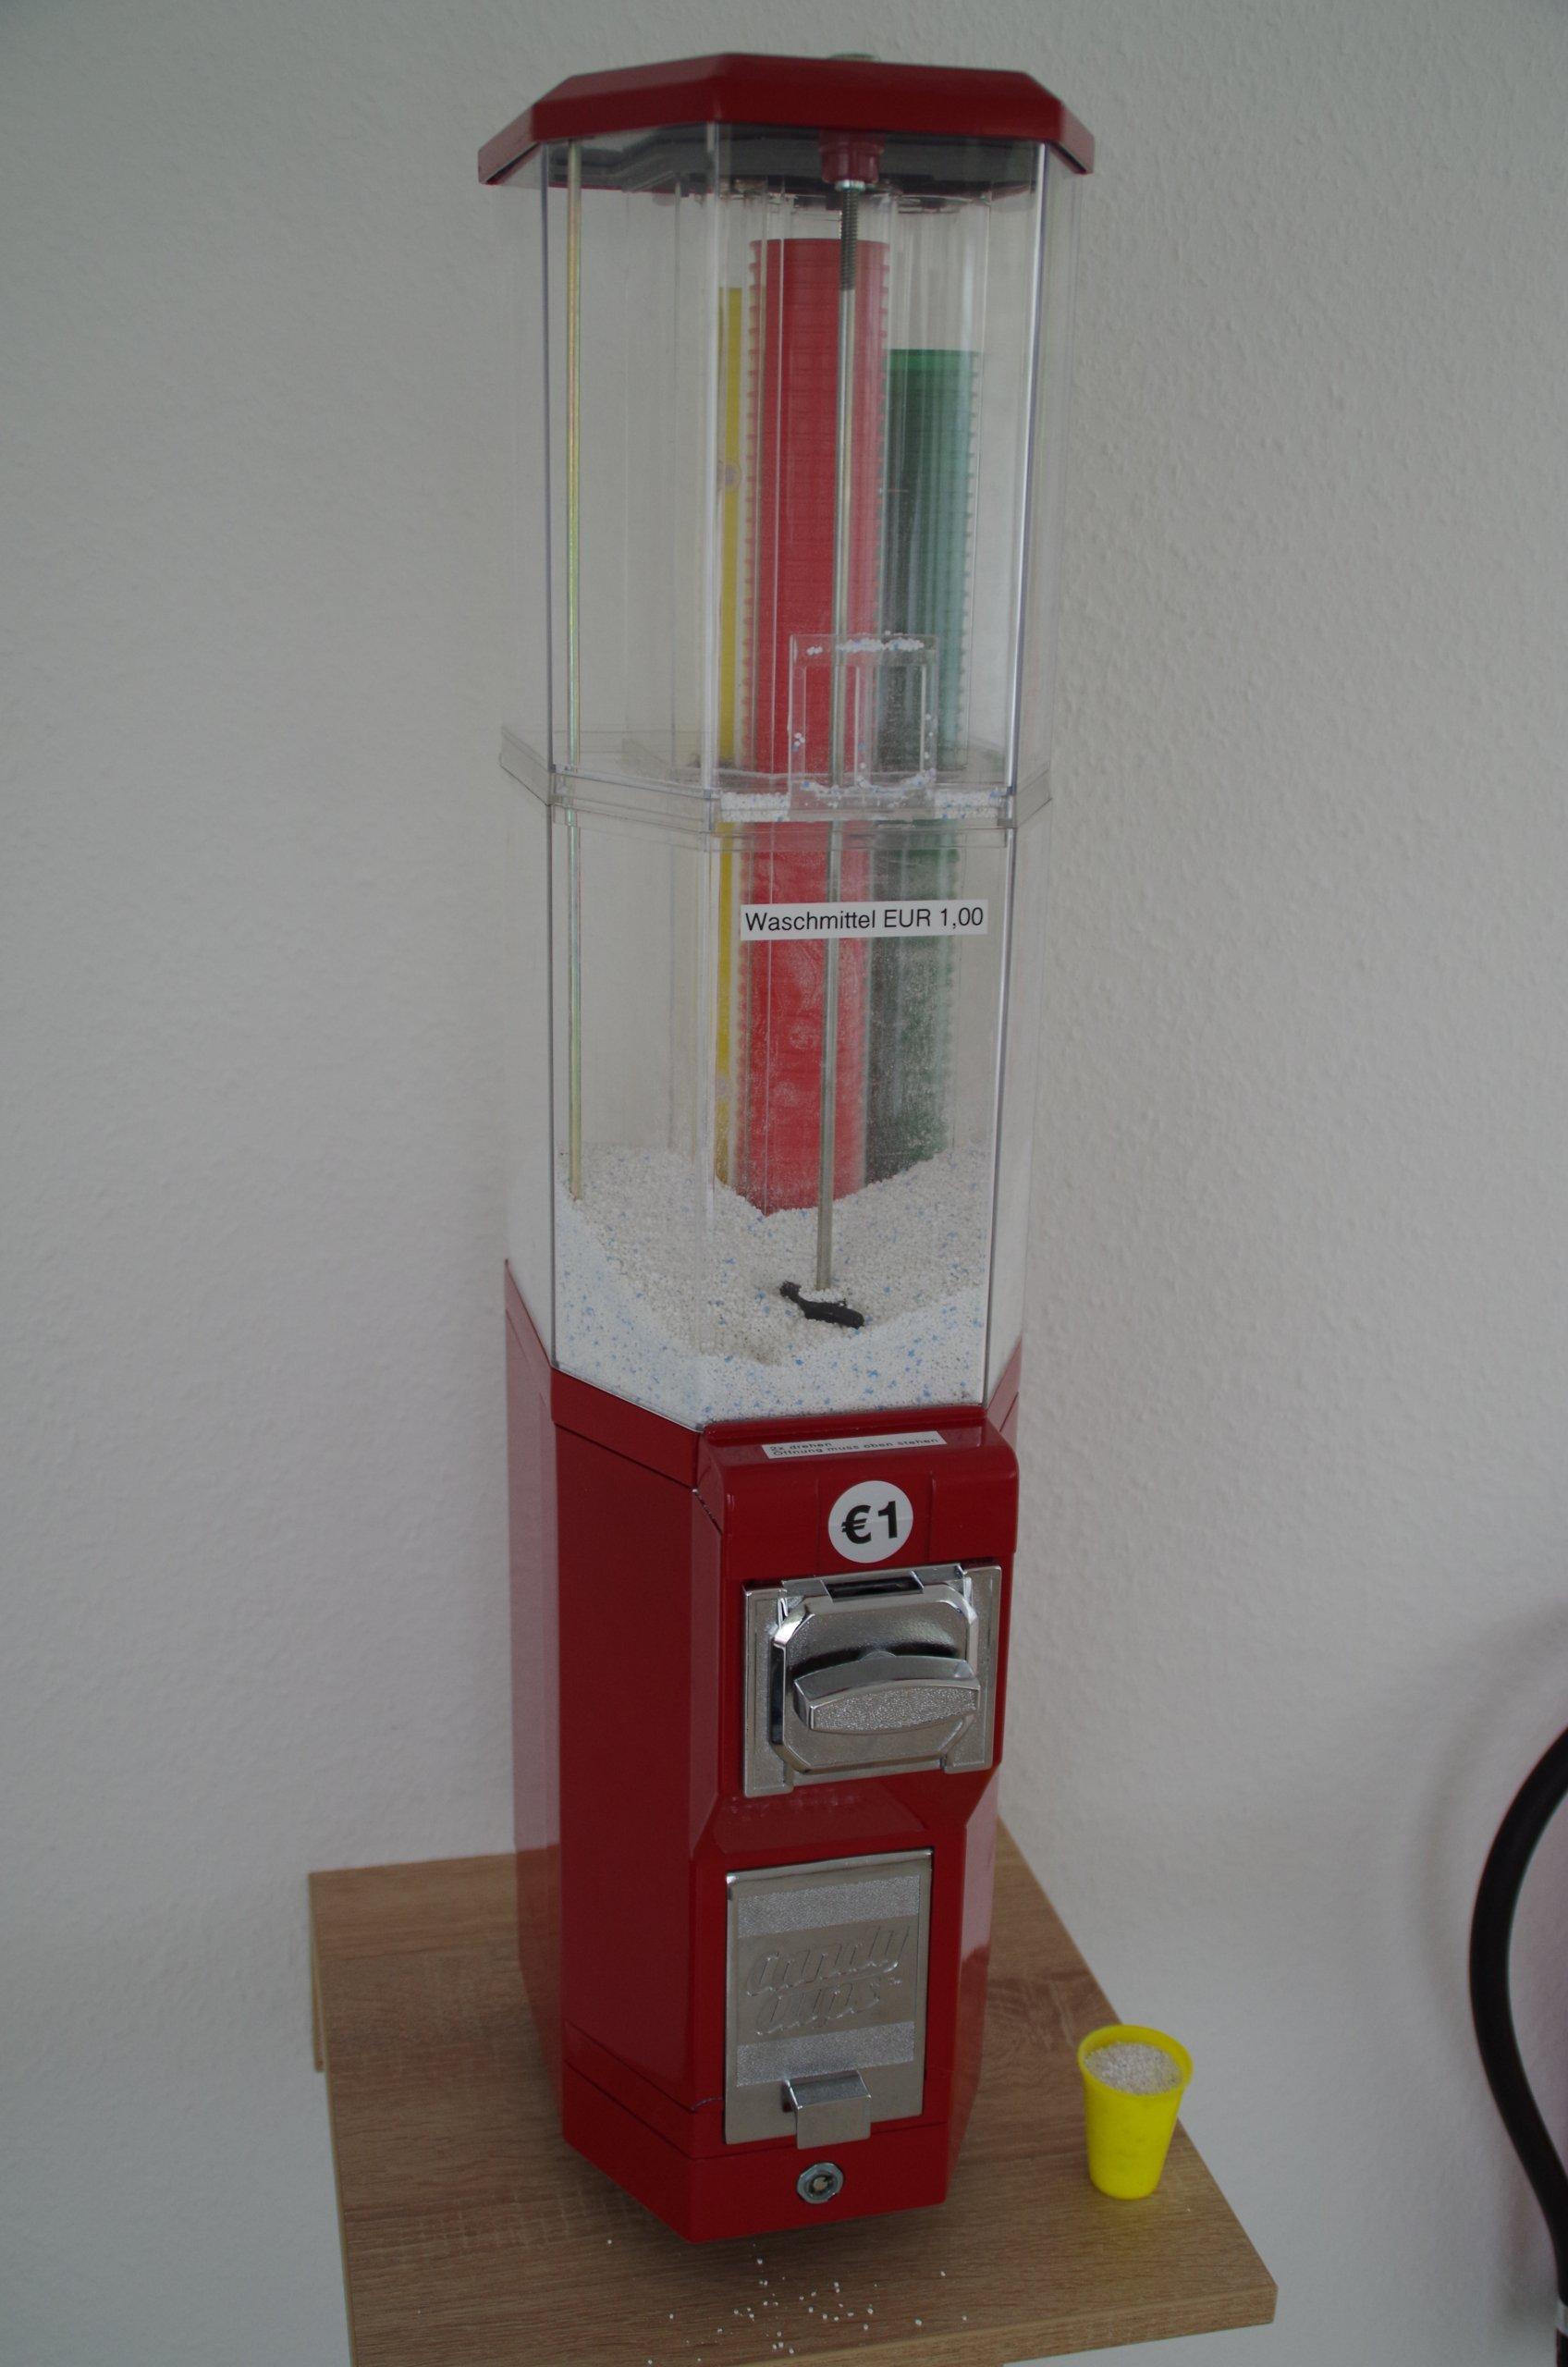 Goode Wash Pulverautomat